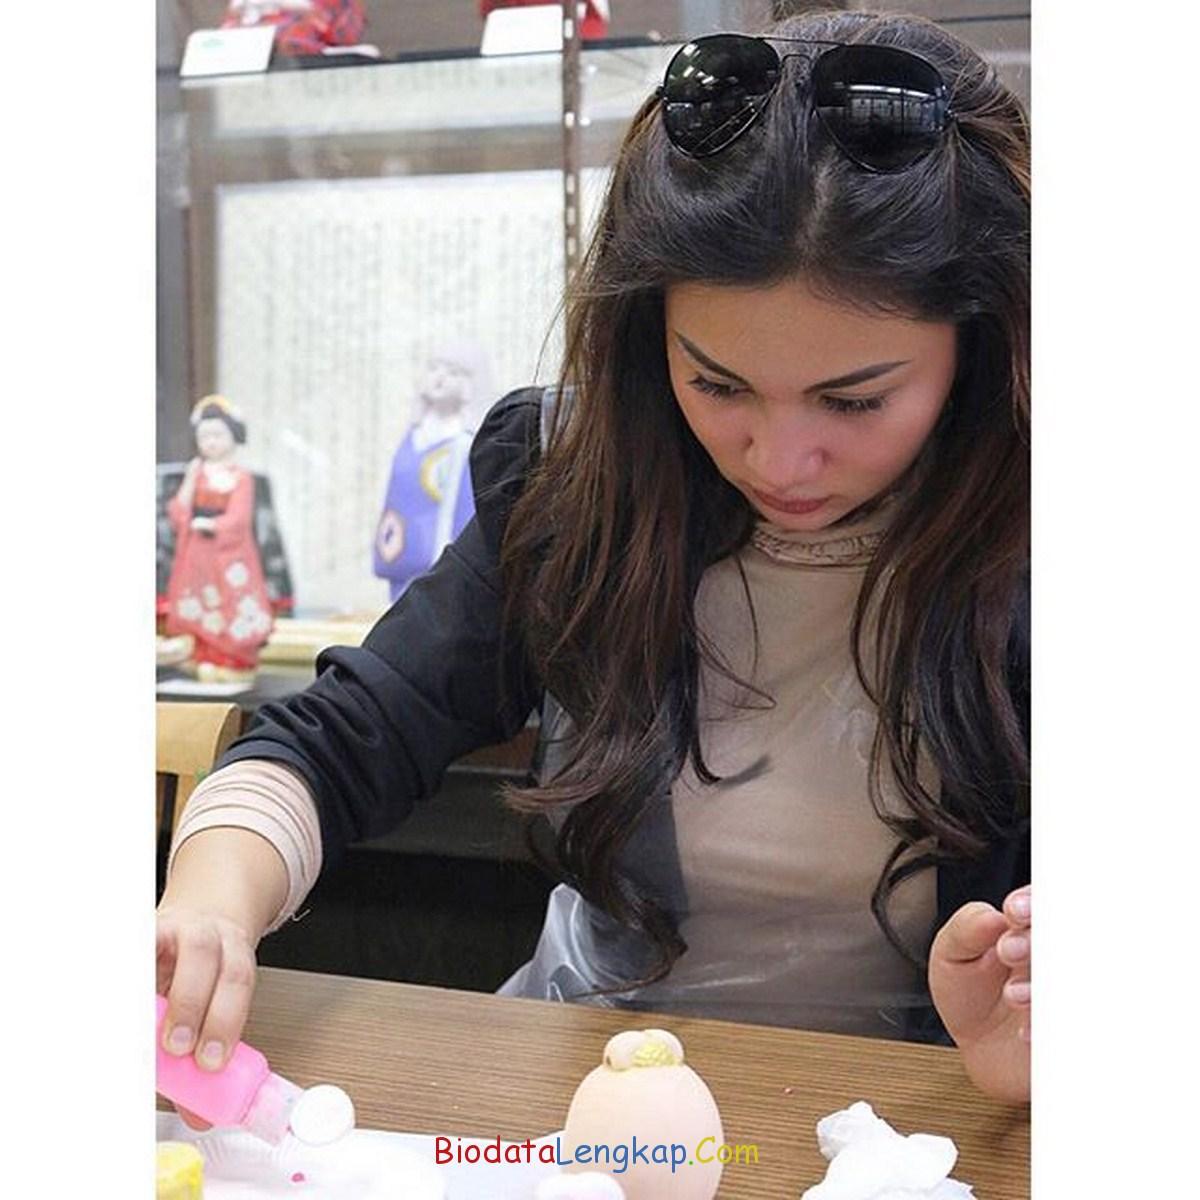 foto dan biodata lengkap ariel tatum news celebrity